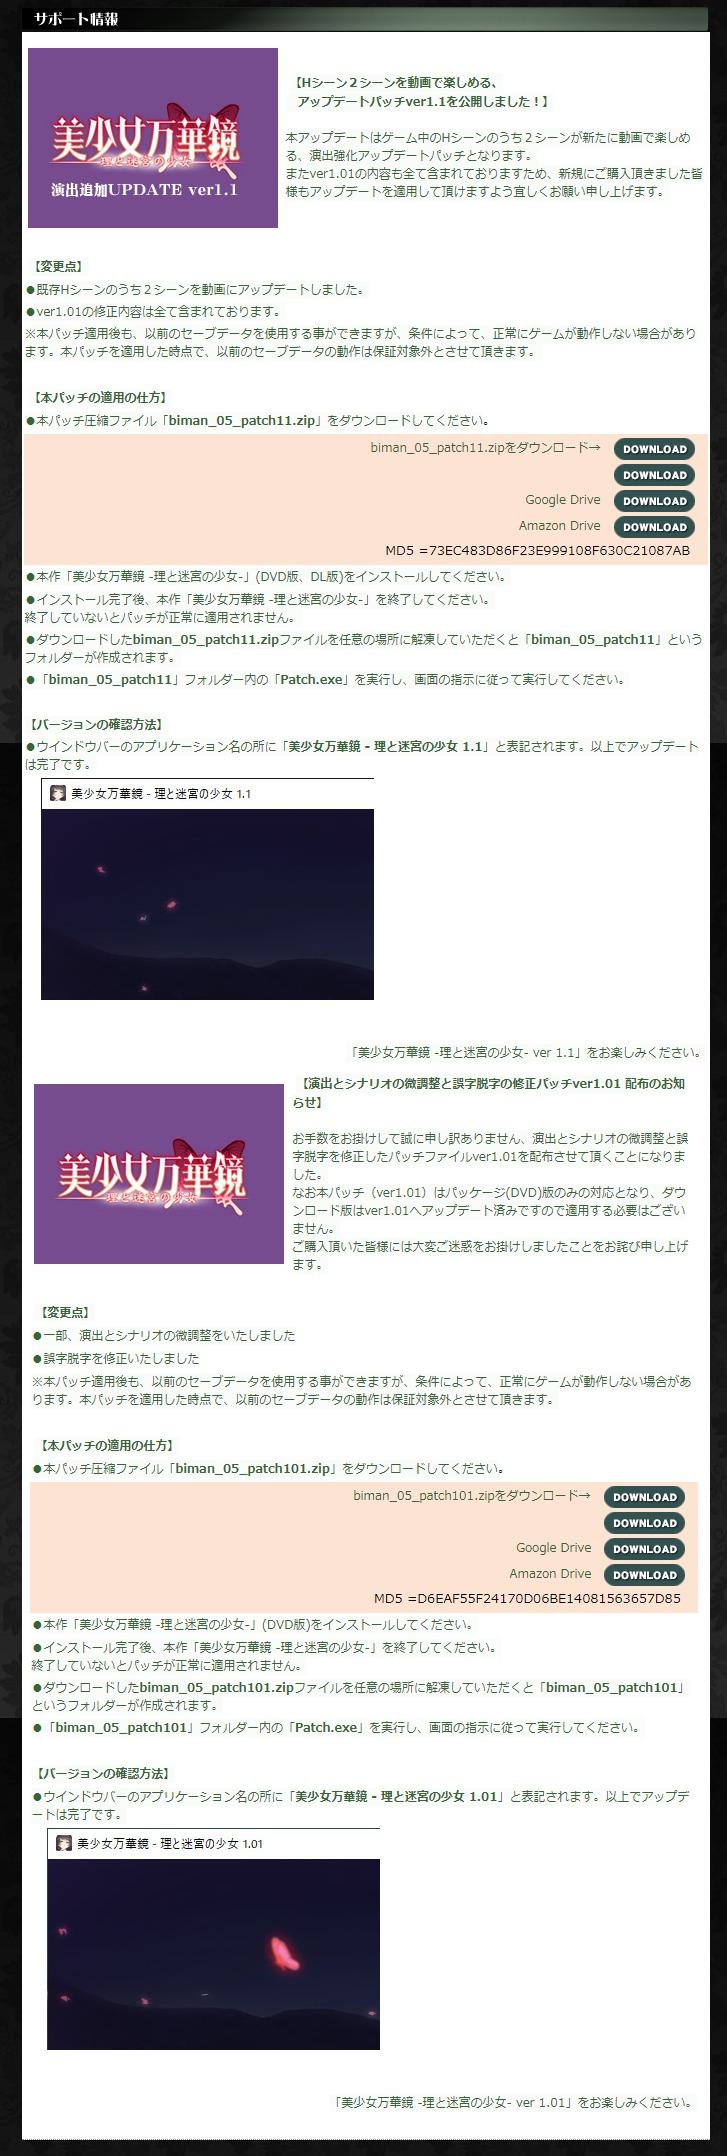 ωstar-official-website